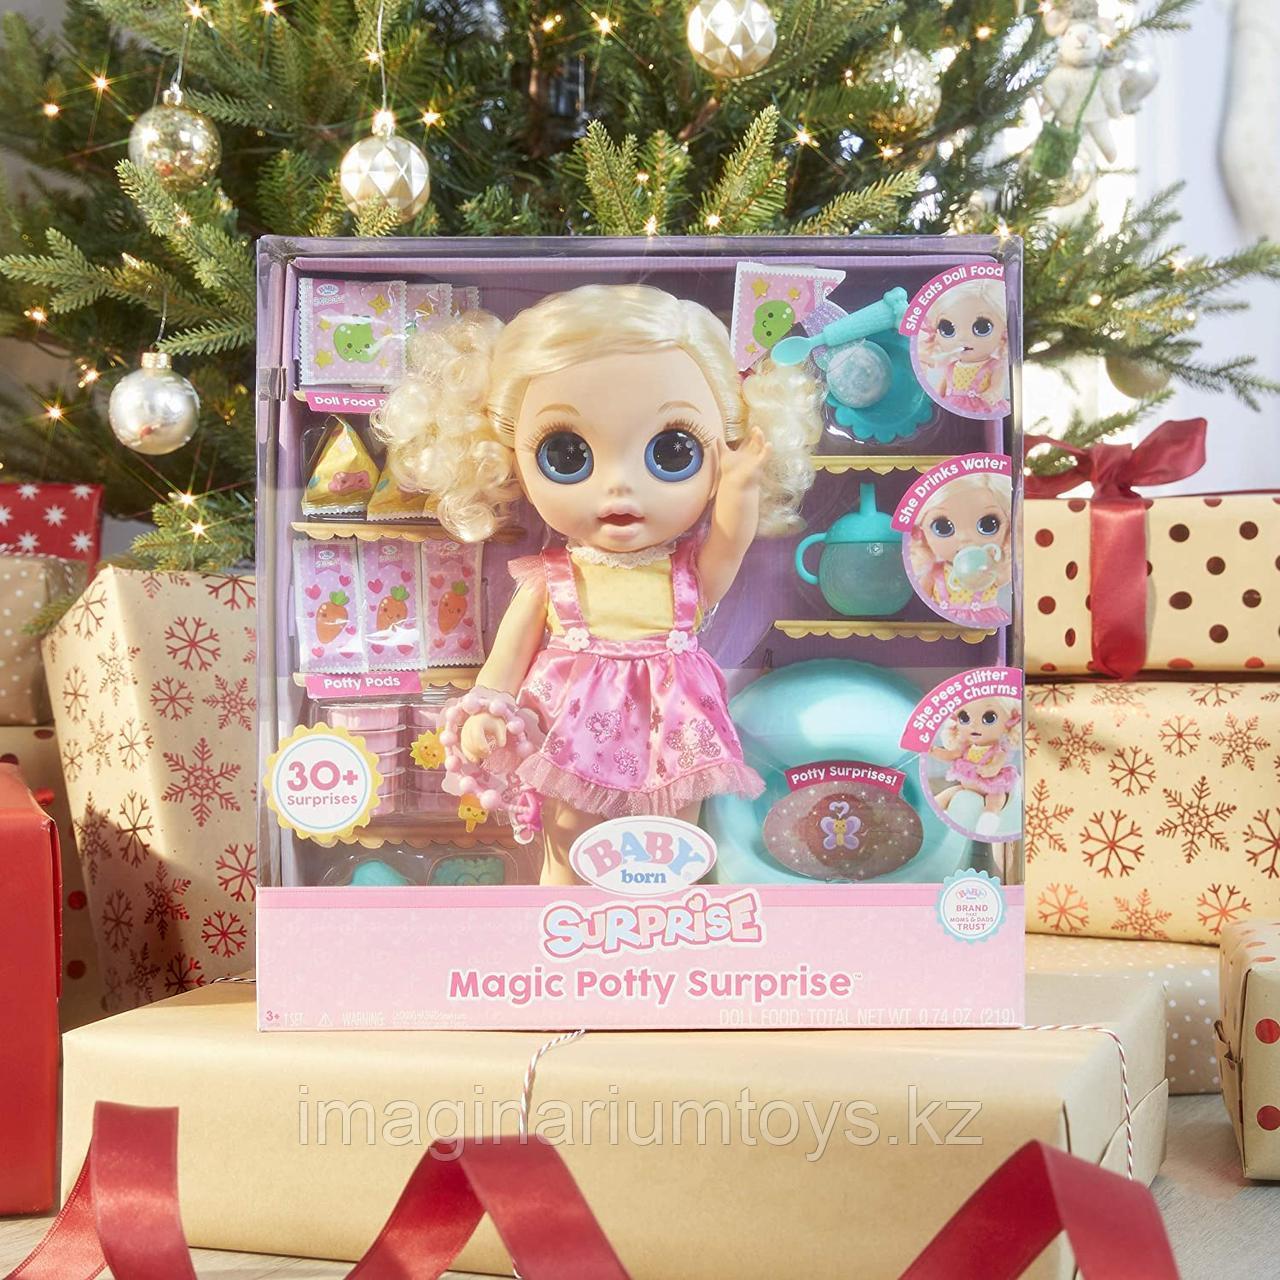 Кукла Baby Born Surprise Magic Potty 30+ сюрпризов - фото 6